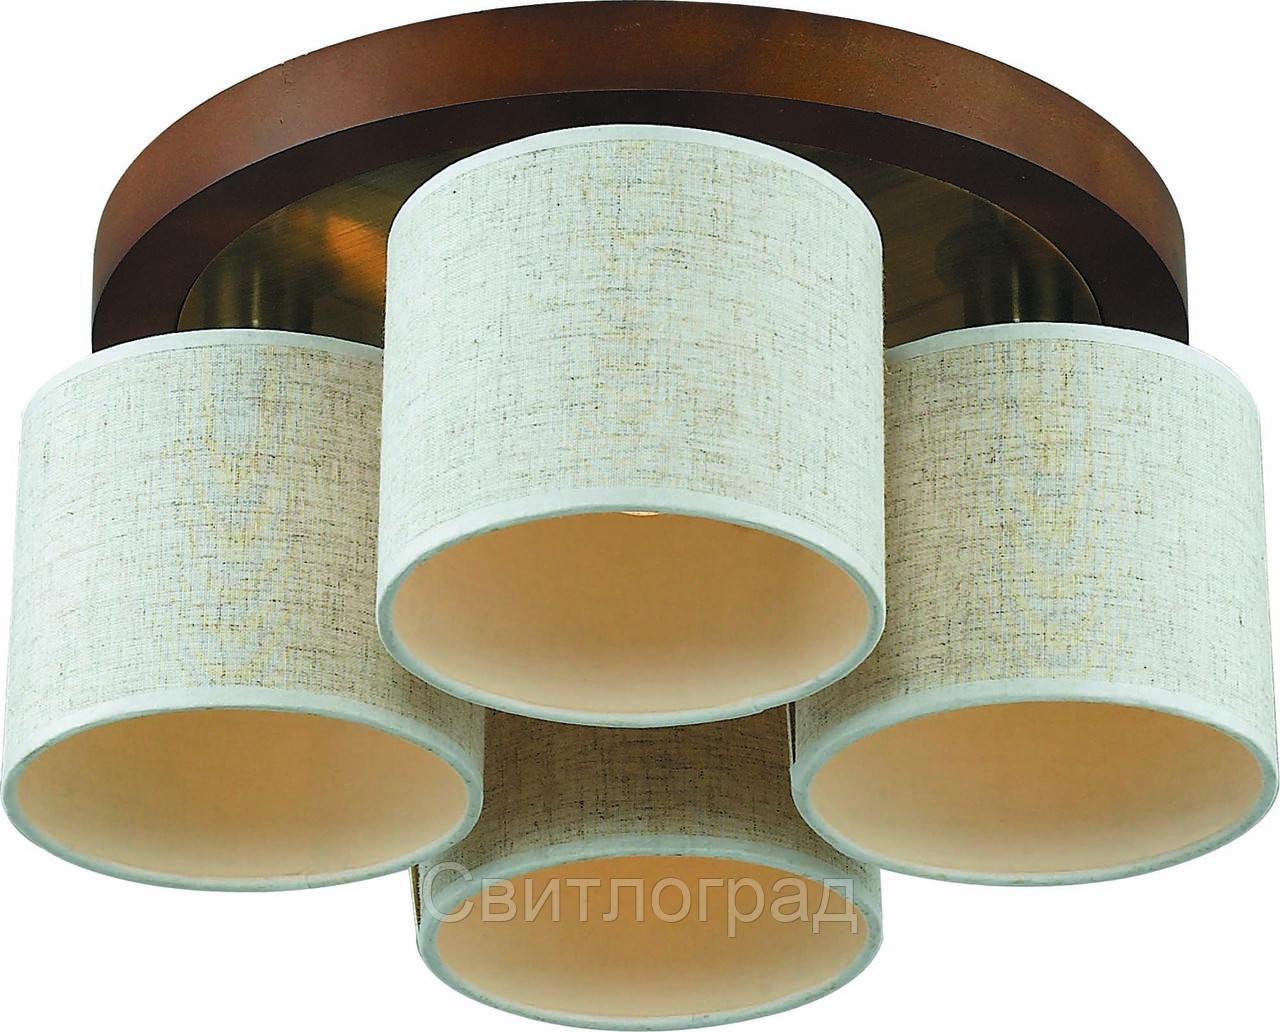 Светильник Потолочный Деревянный    Altalusse INL-3094C-04 Antique Brass & Walnut